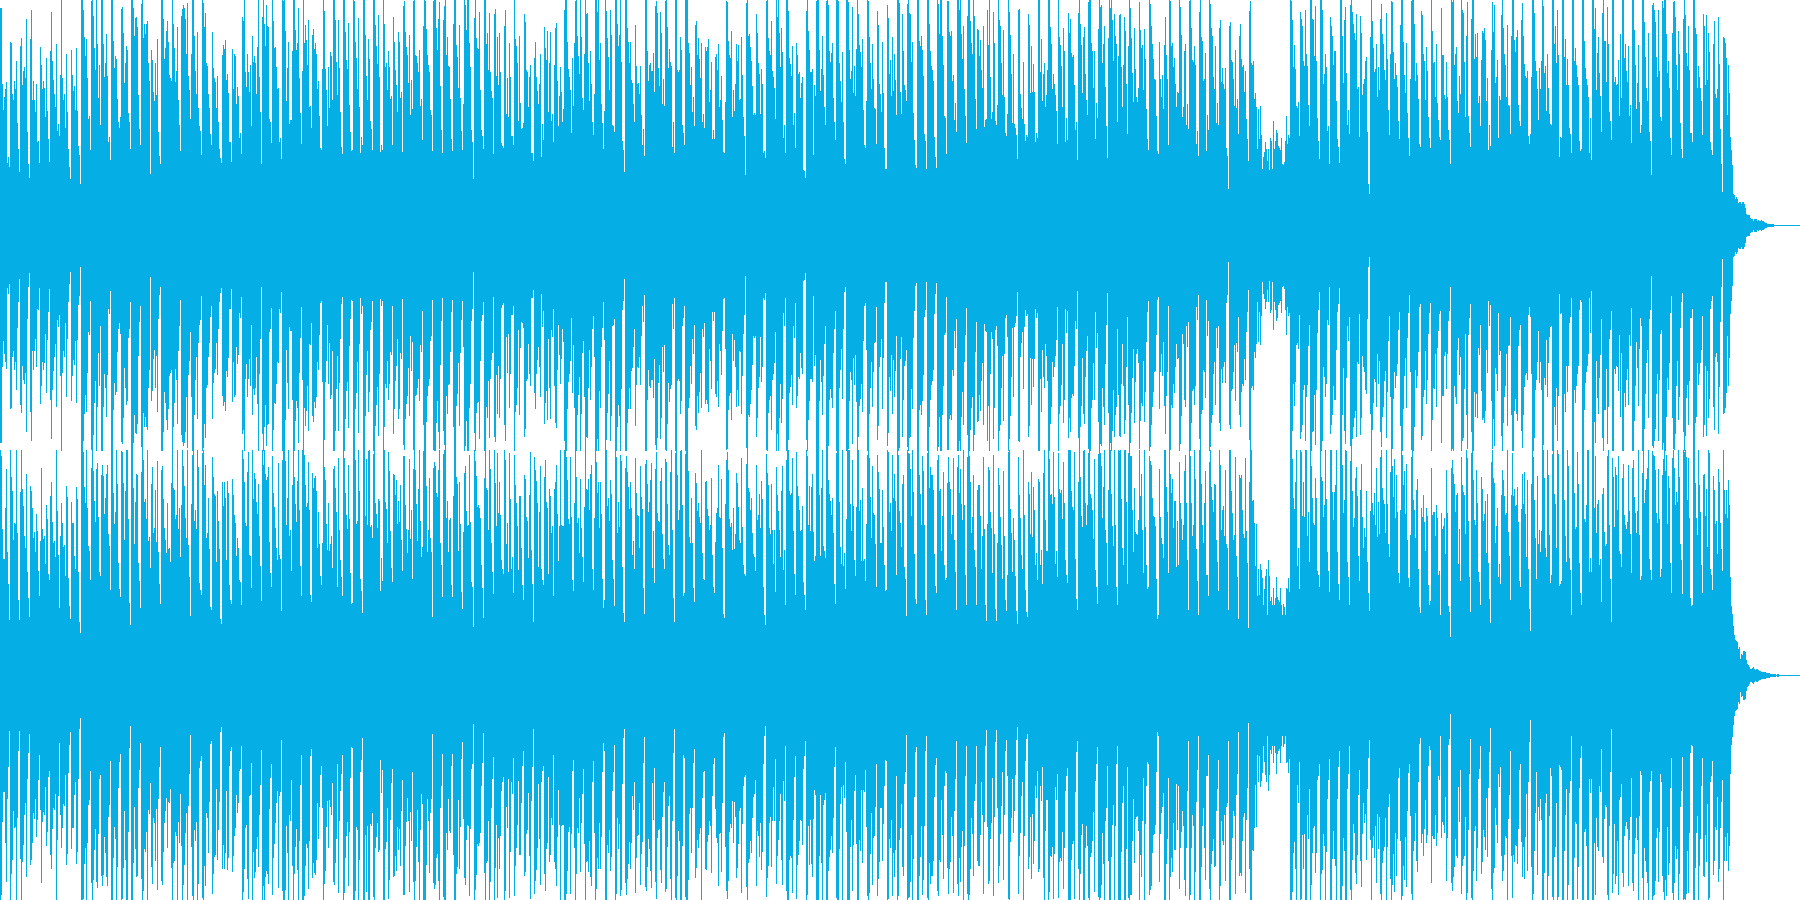 子供向けのわんぱくな冒険風テクノBGMの再生済みの波形